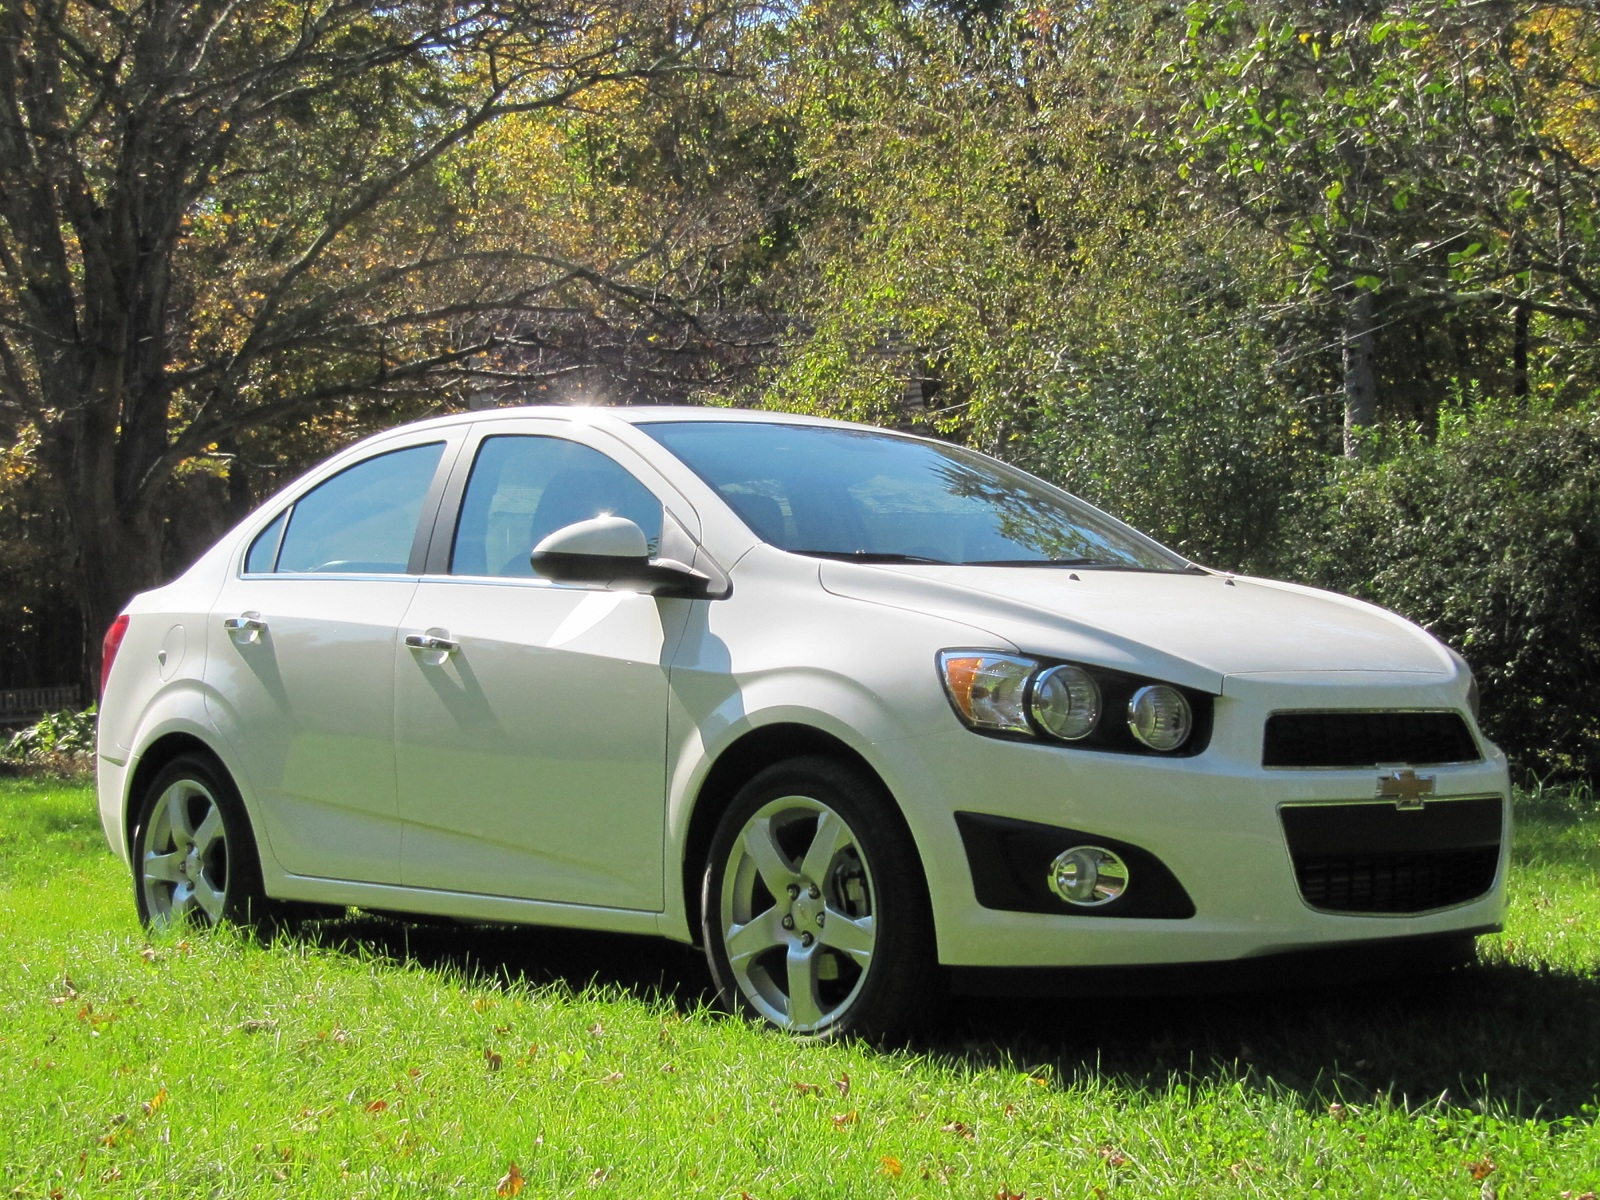 2012 Chevrolet Sonic LTZ Sedan: Weekend Test Drive